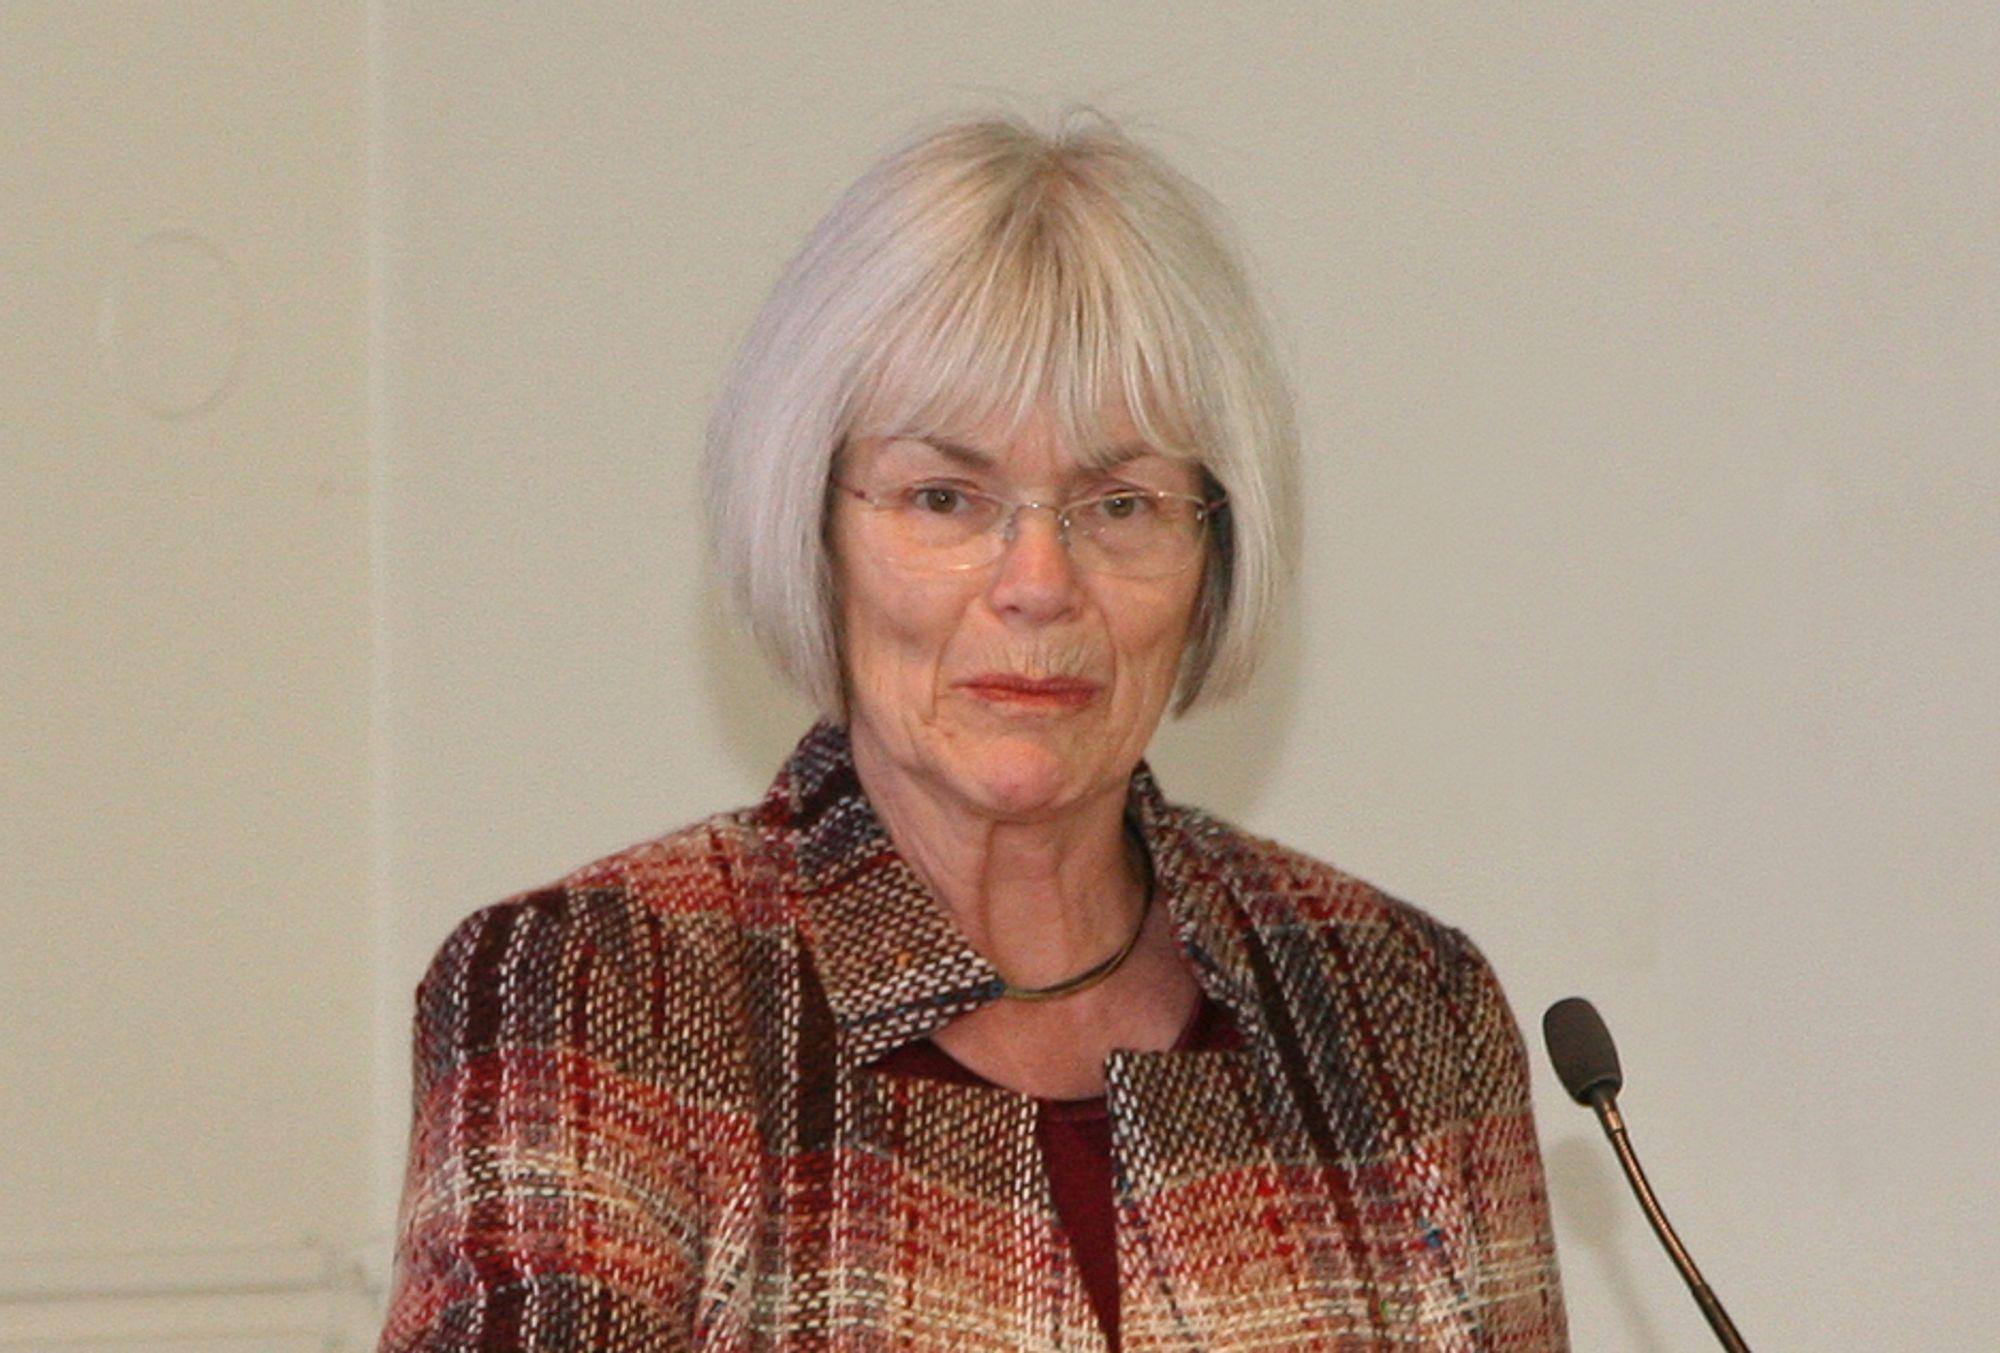 Forsknings- og høyere utdanningsminister Tora Aasland.